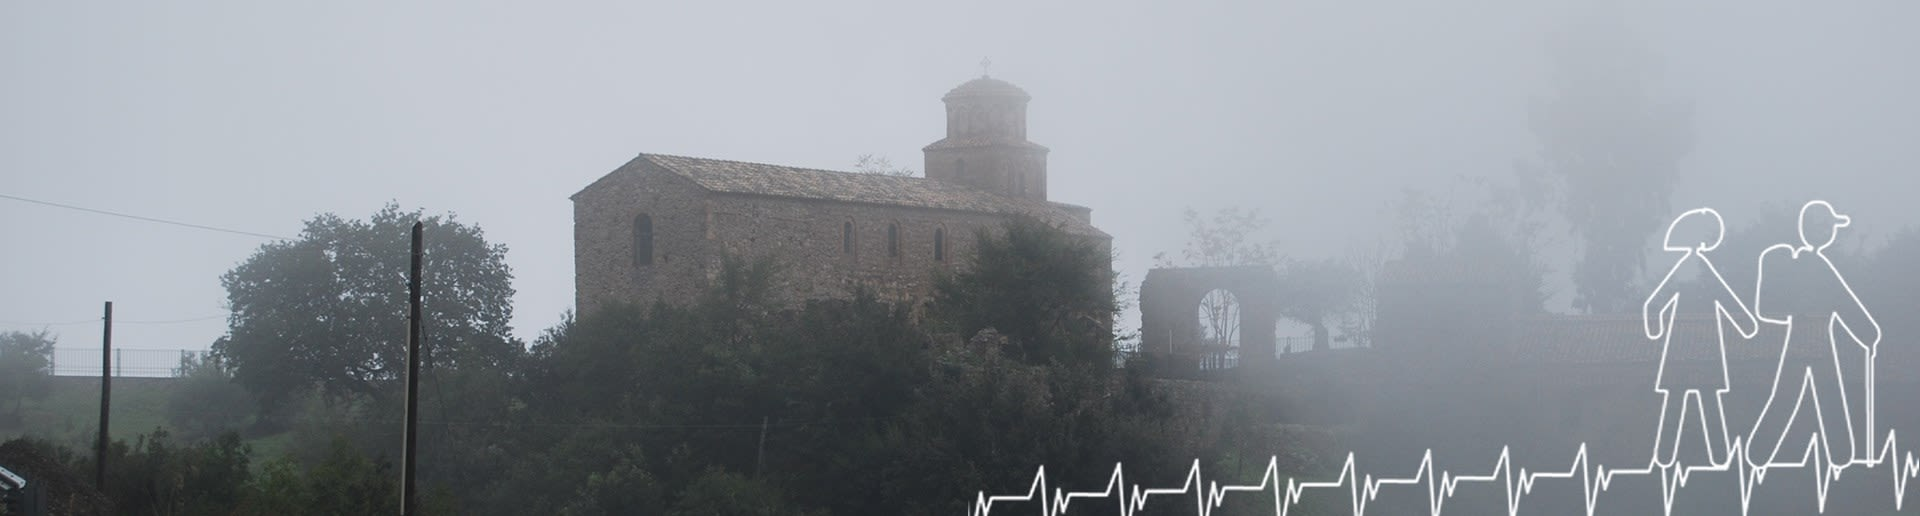 San Giovanni (Bivongi); Monastero ortodosso di S. Giovanni Therestis